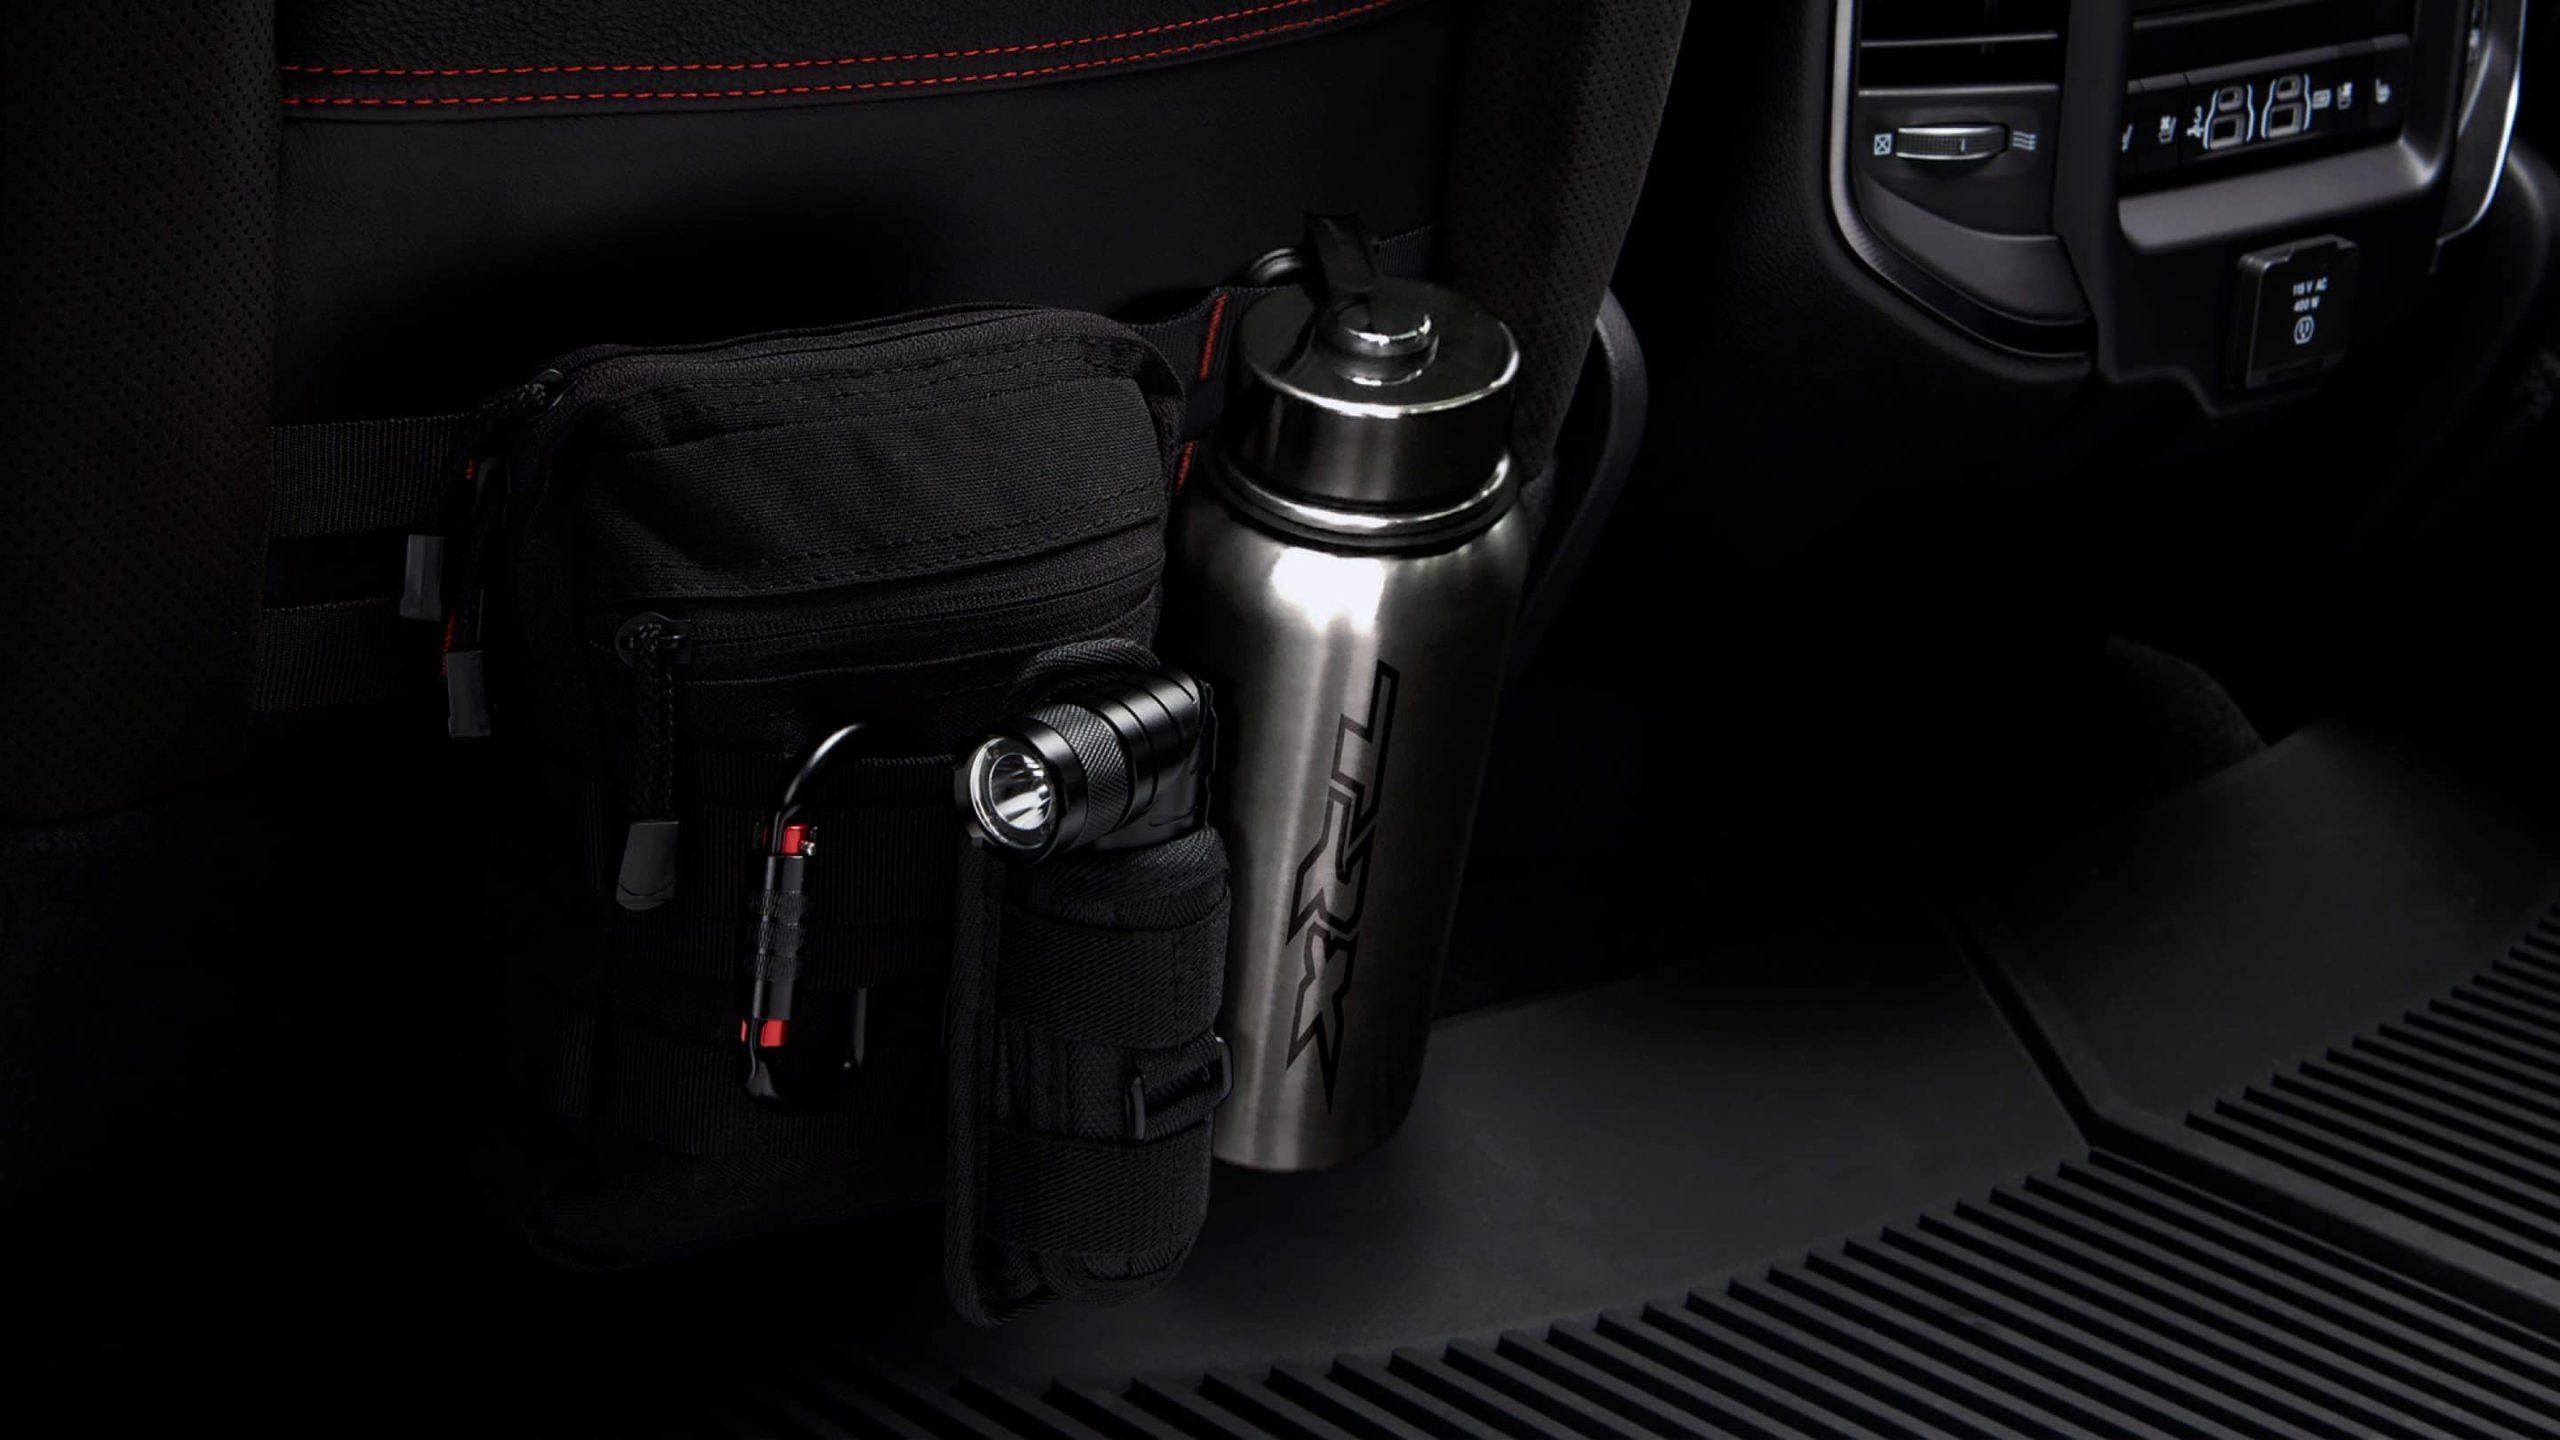 Der 2021 Ram 1500 TRX wurde bei jeder Umdrehung für Abenteuer entwickelt. Die Kartentaschen hinter den Fahrer- und Beifahrersitzen verfügen über ein flexibles PALS-Gurtband-Aufbewahrungssystem, das für den Transport von MOLLE-Offroad- und Abenteuerausrüstung konzipiert wurde, sodass Sie nie ohne die Ausrüstung auskommen, die Sie benötigen. aecramtrucks.com/trx, AEC RAM 1500